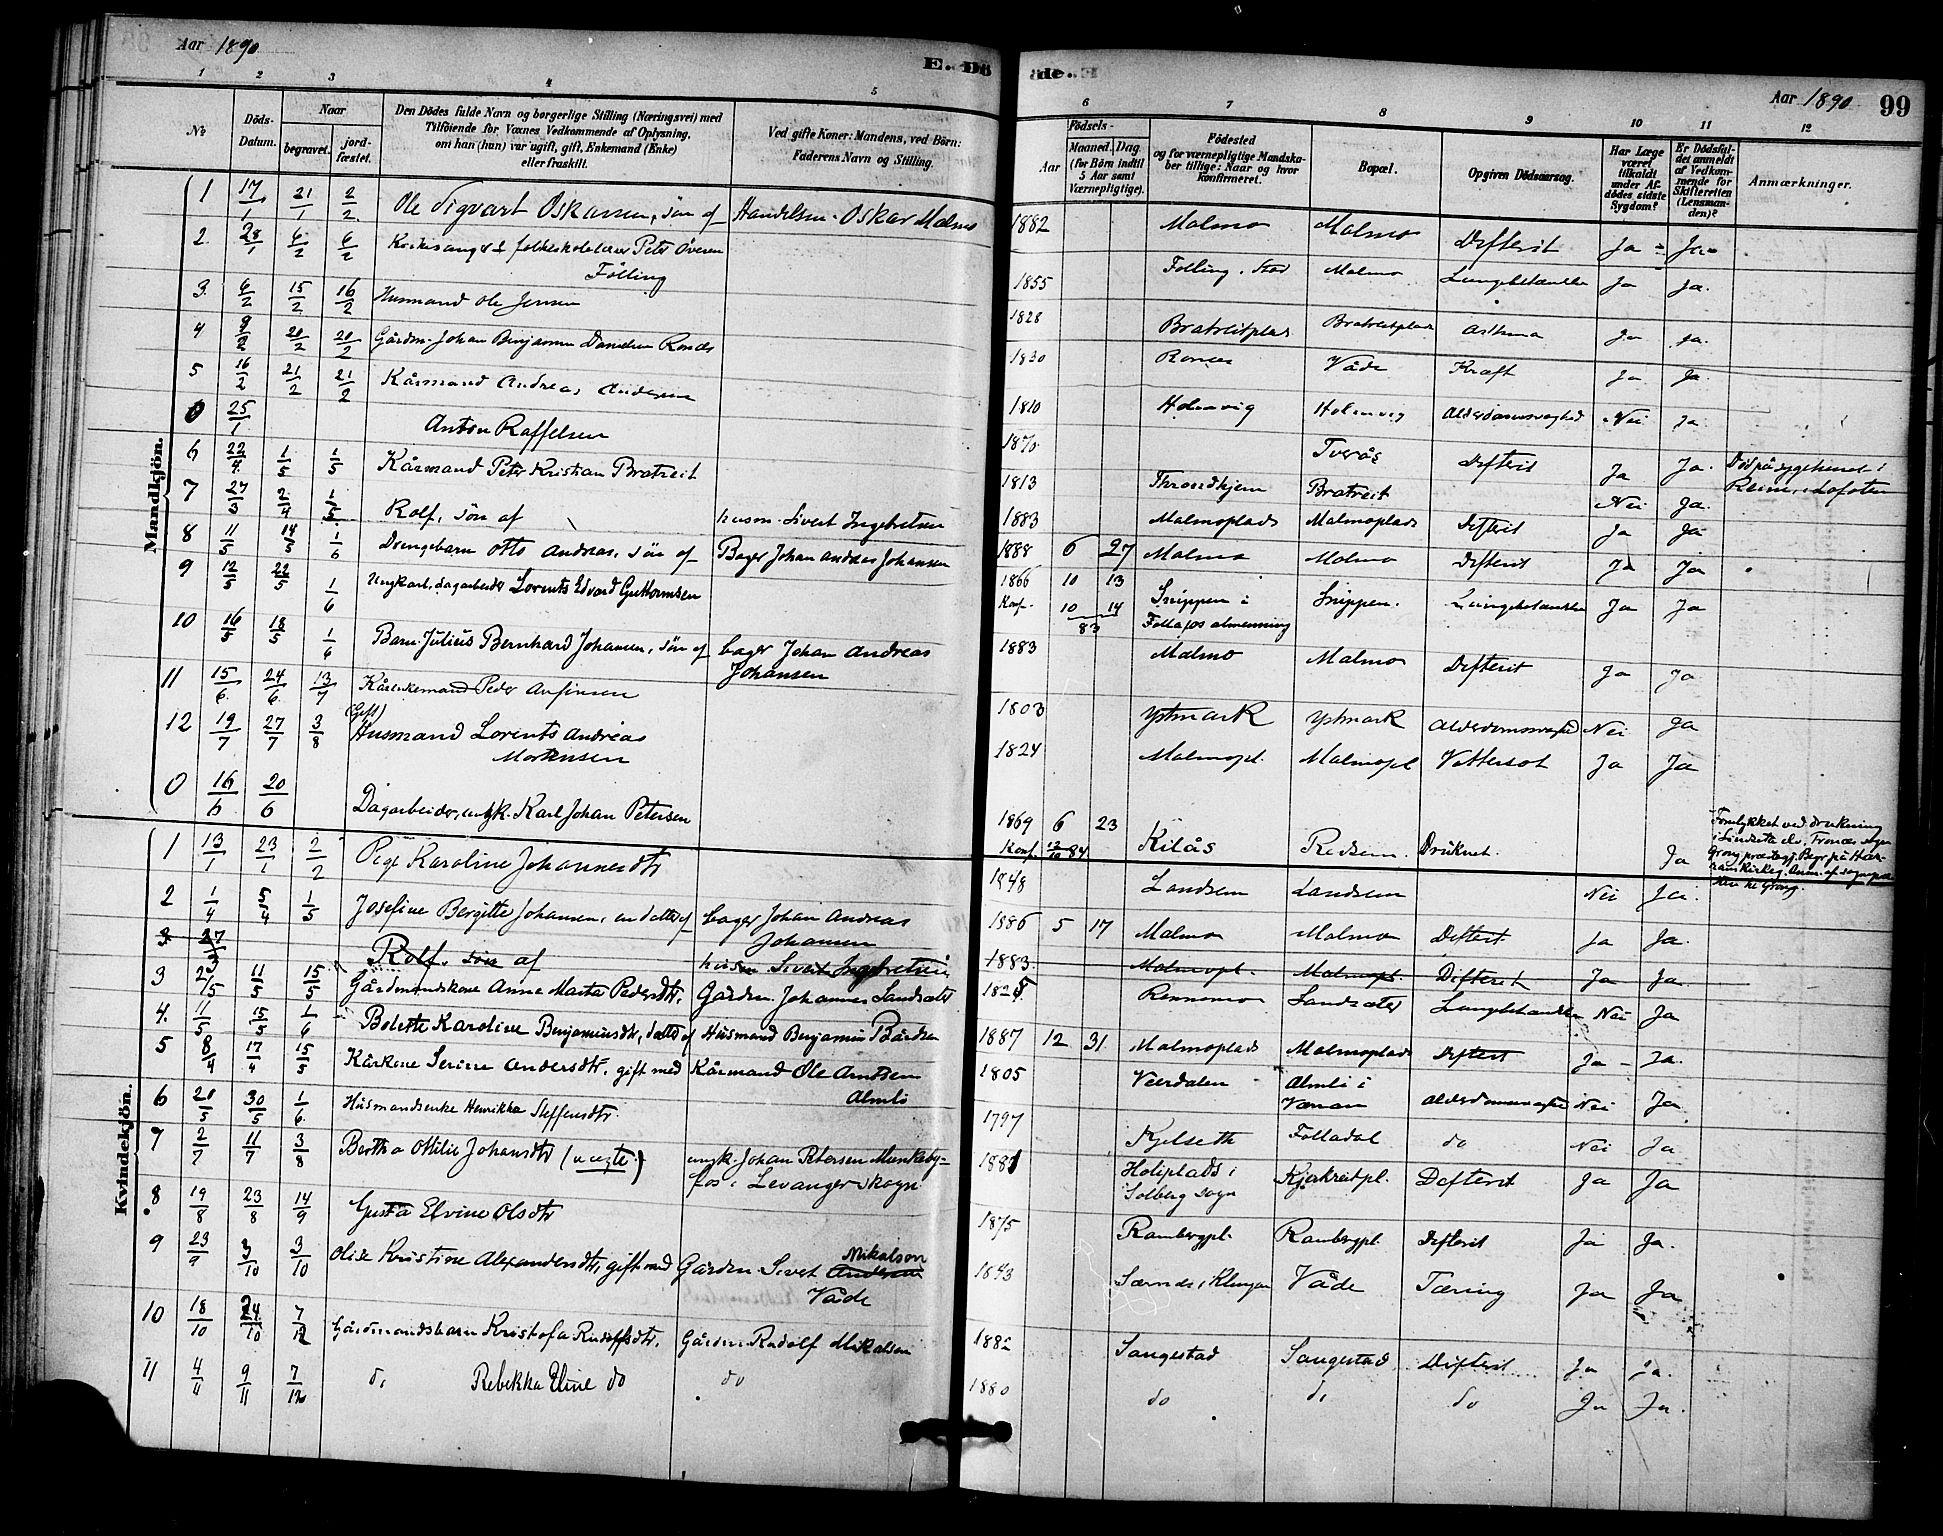 SAT, Ministerialprotokoller, klokkerbøker og fødselsregistre - Nord-Trøndelag, 745/L0429: Ministerialbok nr. 745A01, 1878-1894, s. 99